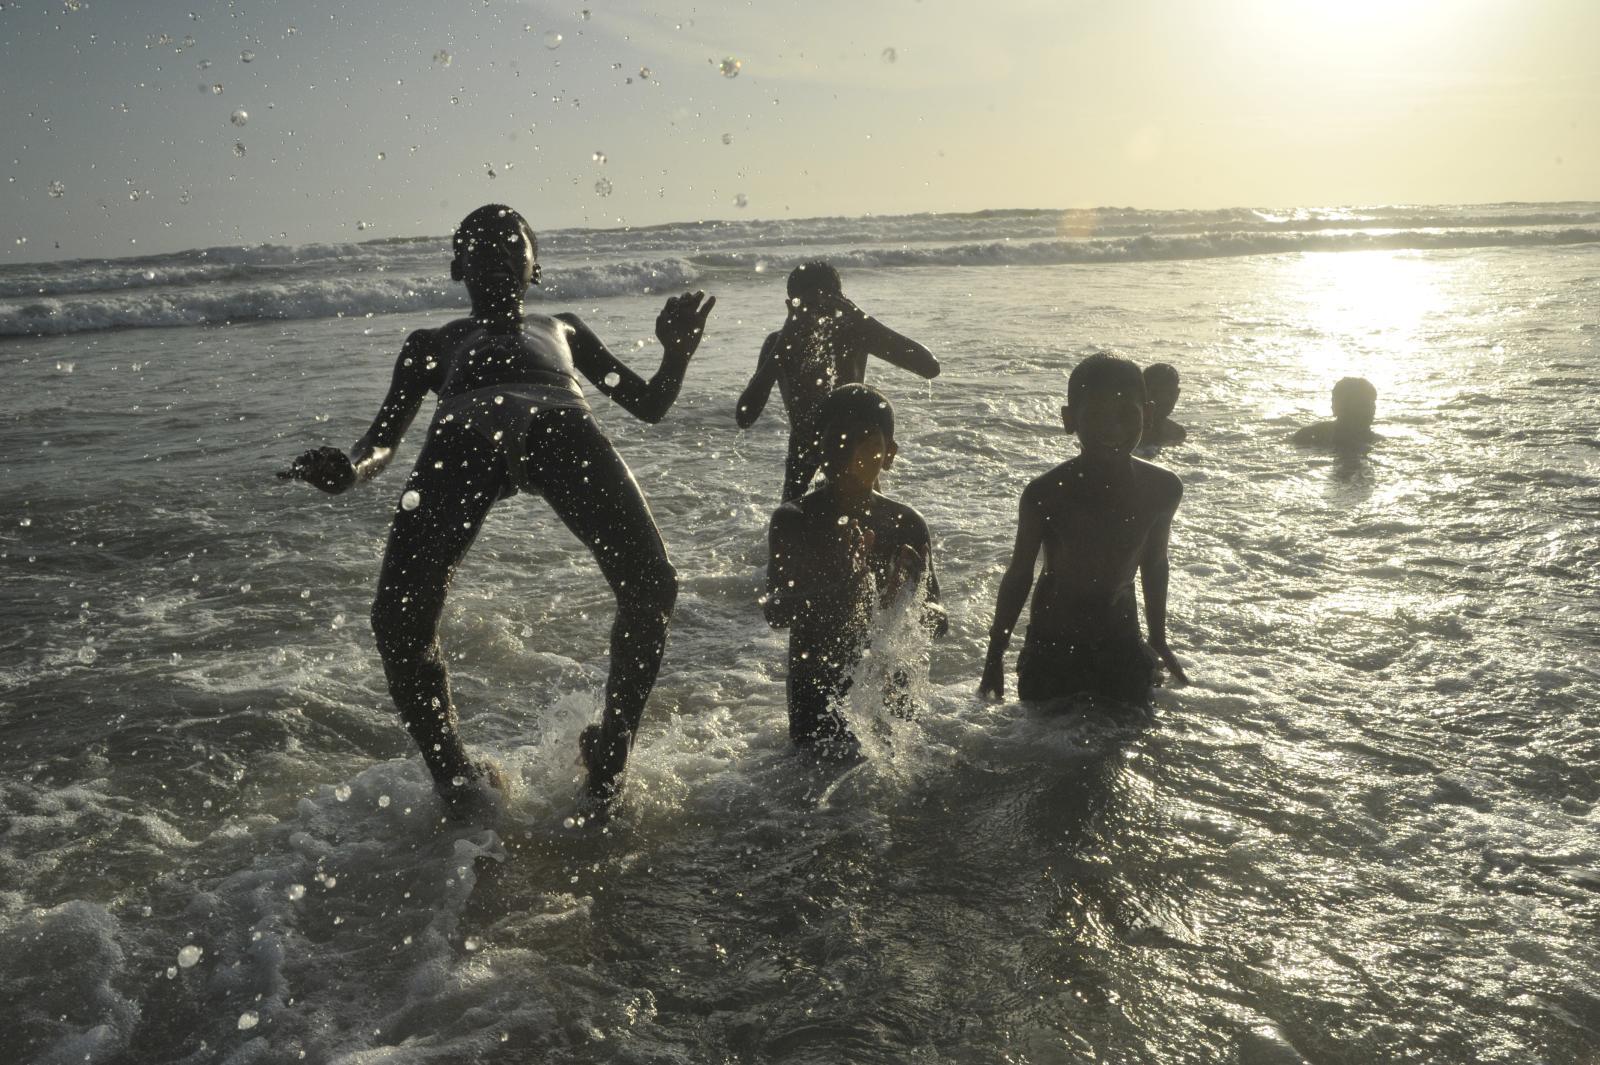 masti on the beach...